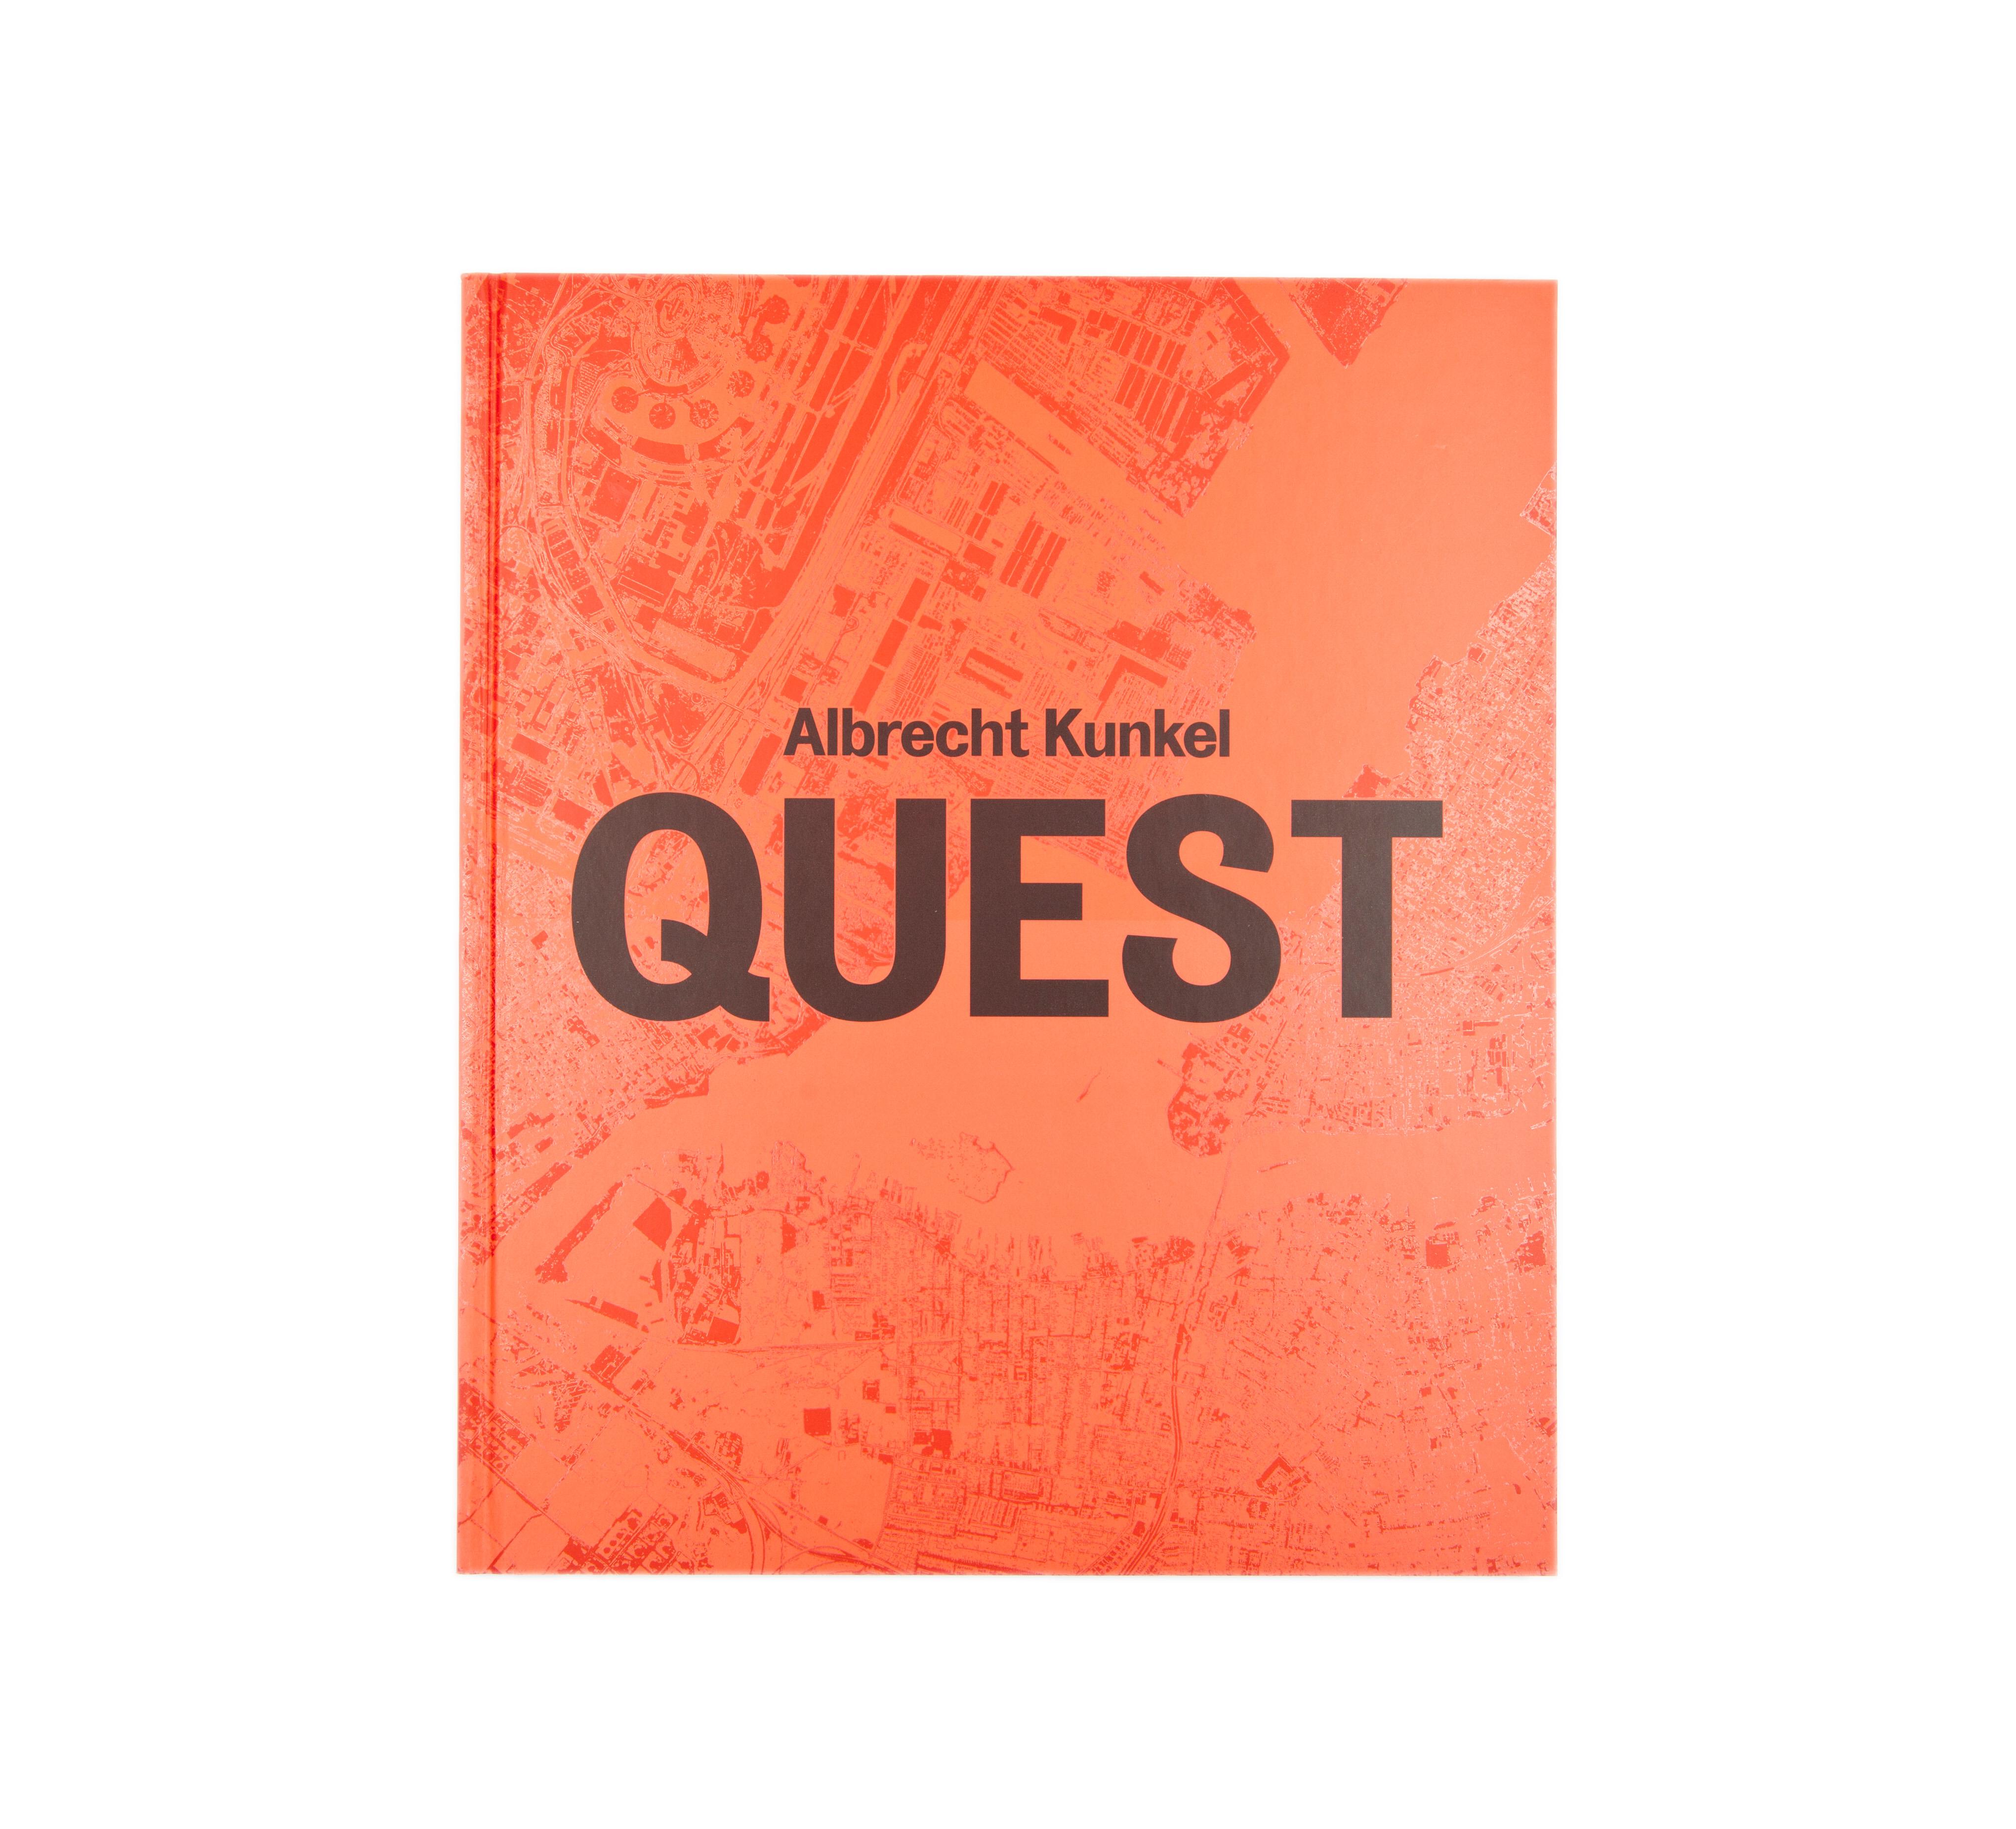 Albrecht Kunkel: QUEST